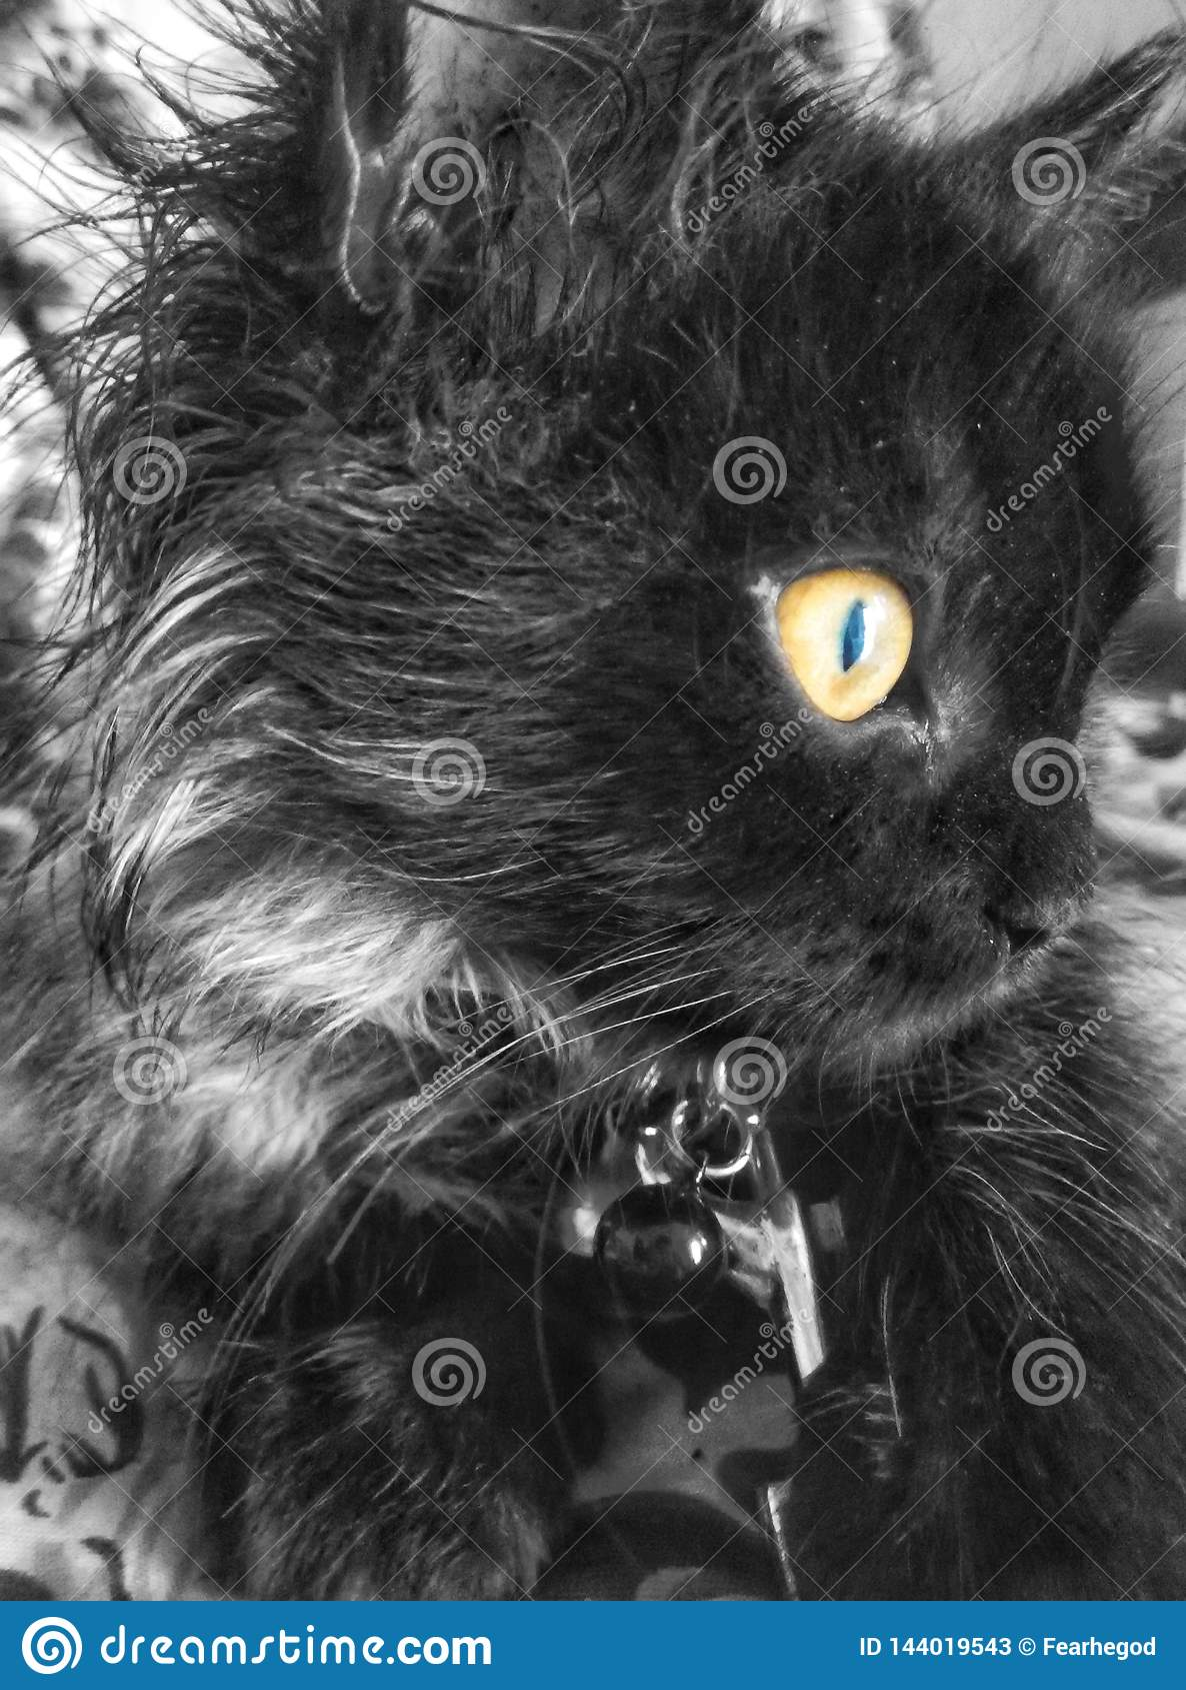 Mi gato negro persa no es bueno para presentar a la cámara Pero hago clic algunas imágenes al azar, ésta soy apenas el uno que mi